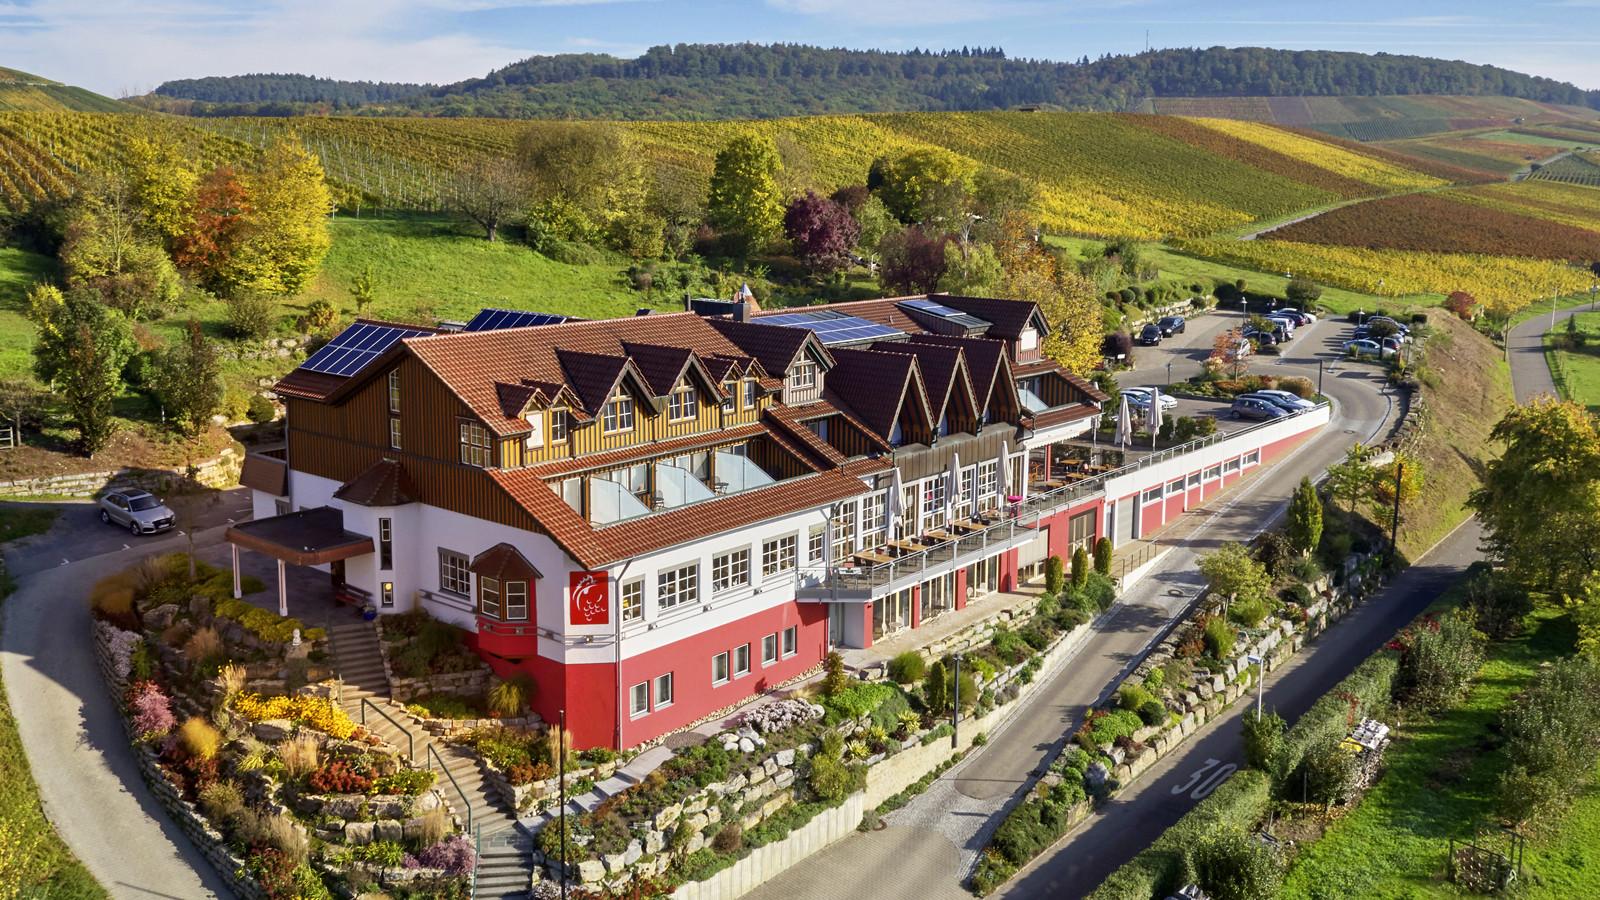 Bild 1 Hotel Gasthof WO DER HAHN KRÄHT